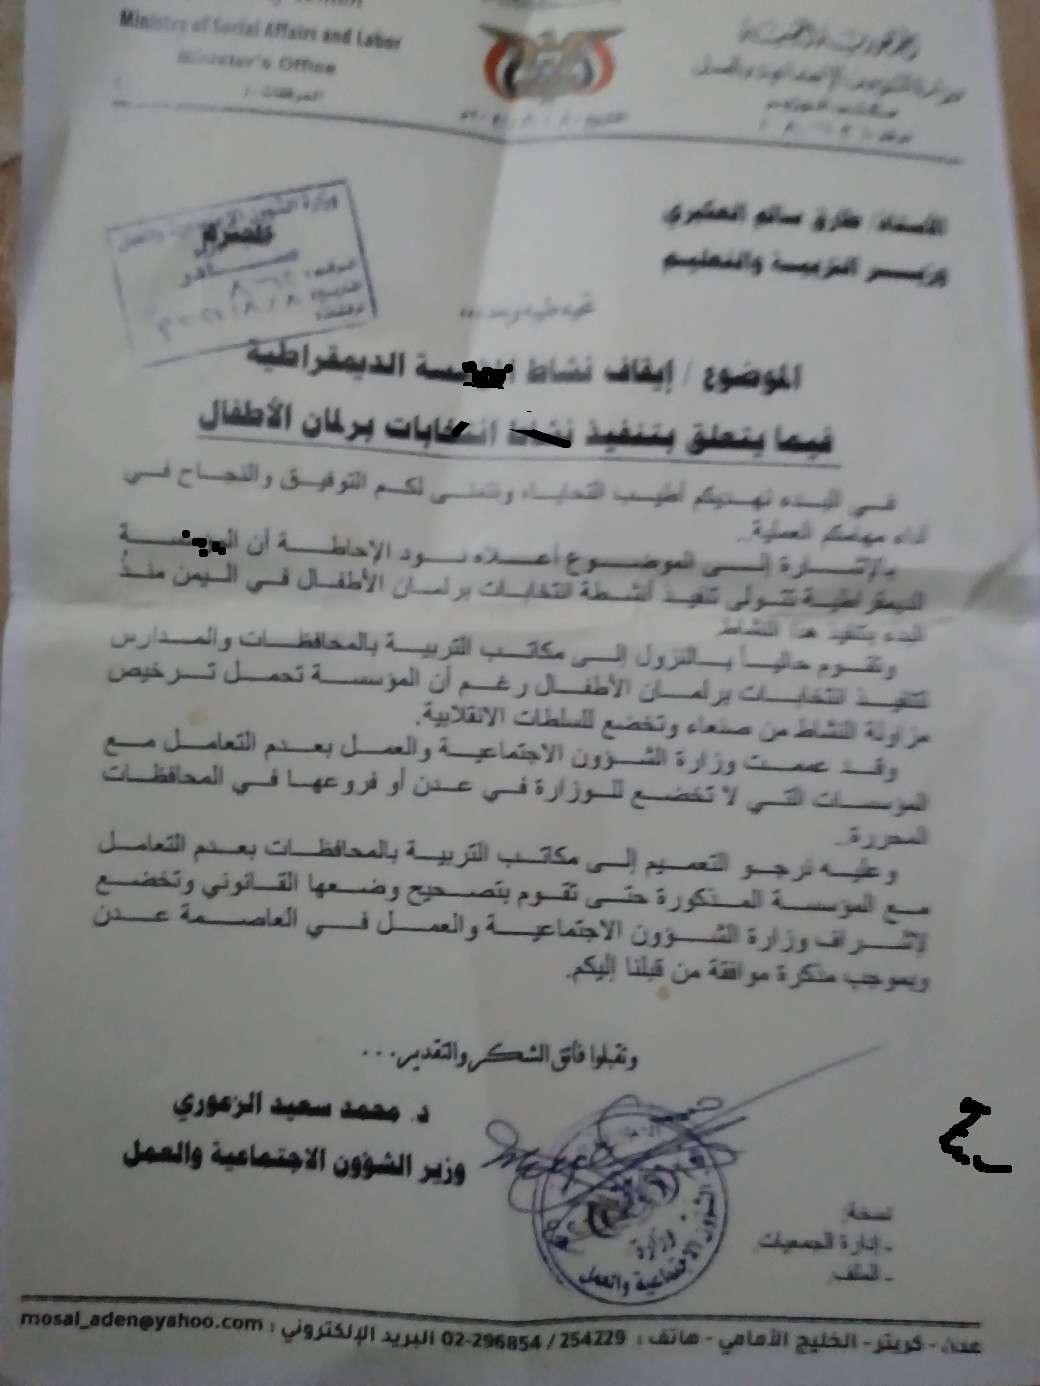 وزارة الشؤون الاجتماعية والعمل توجه خطاباً لوزارة التربية بتوقيف نشاط المدرسة الديمقراطية.